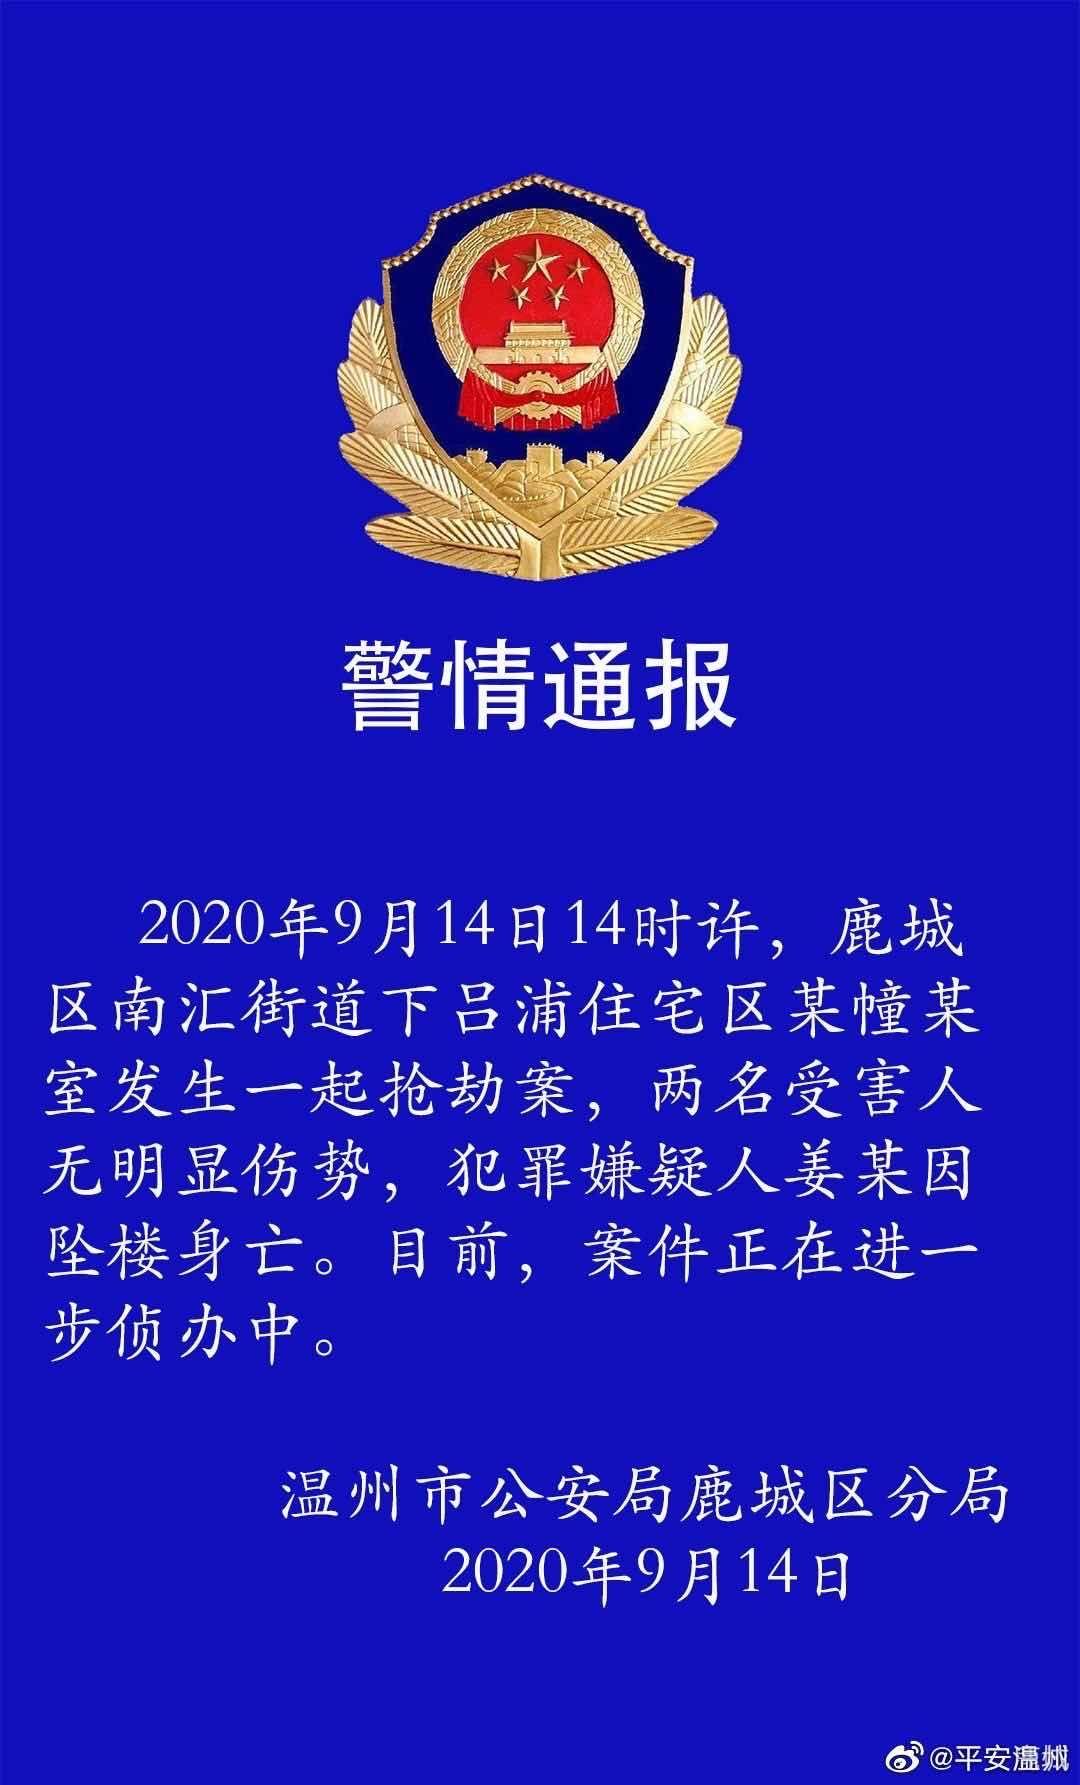 浙江温州男子入室抢劫后从五楼坠亡 受害人成功逃脱